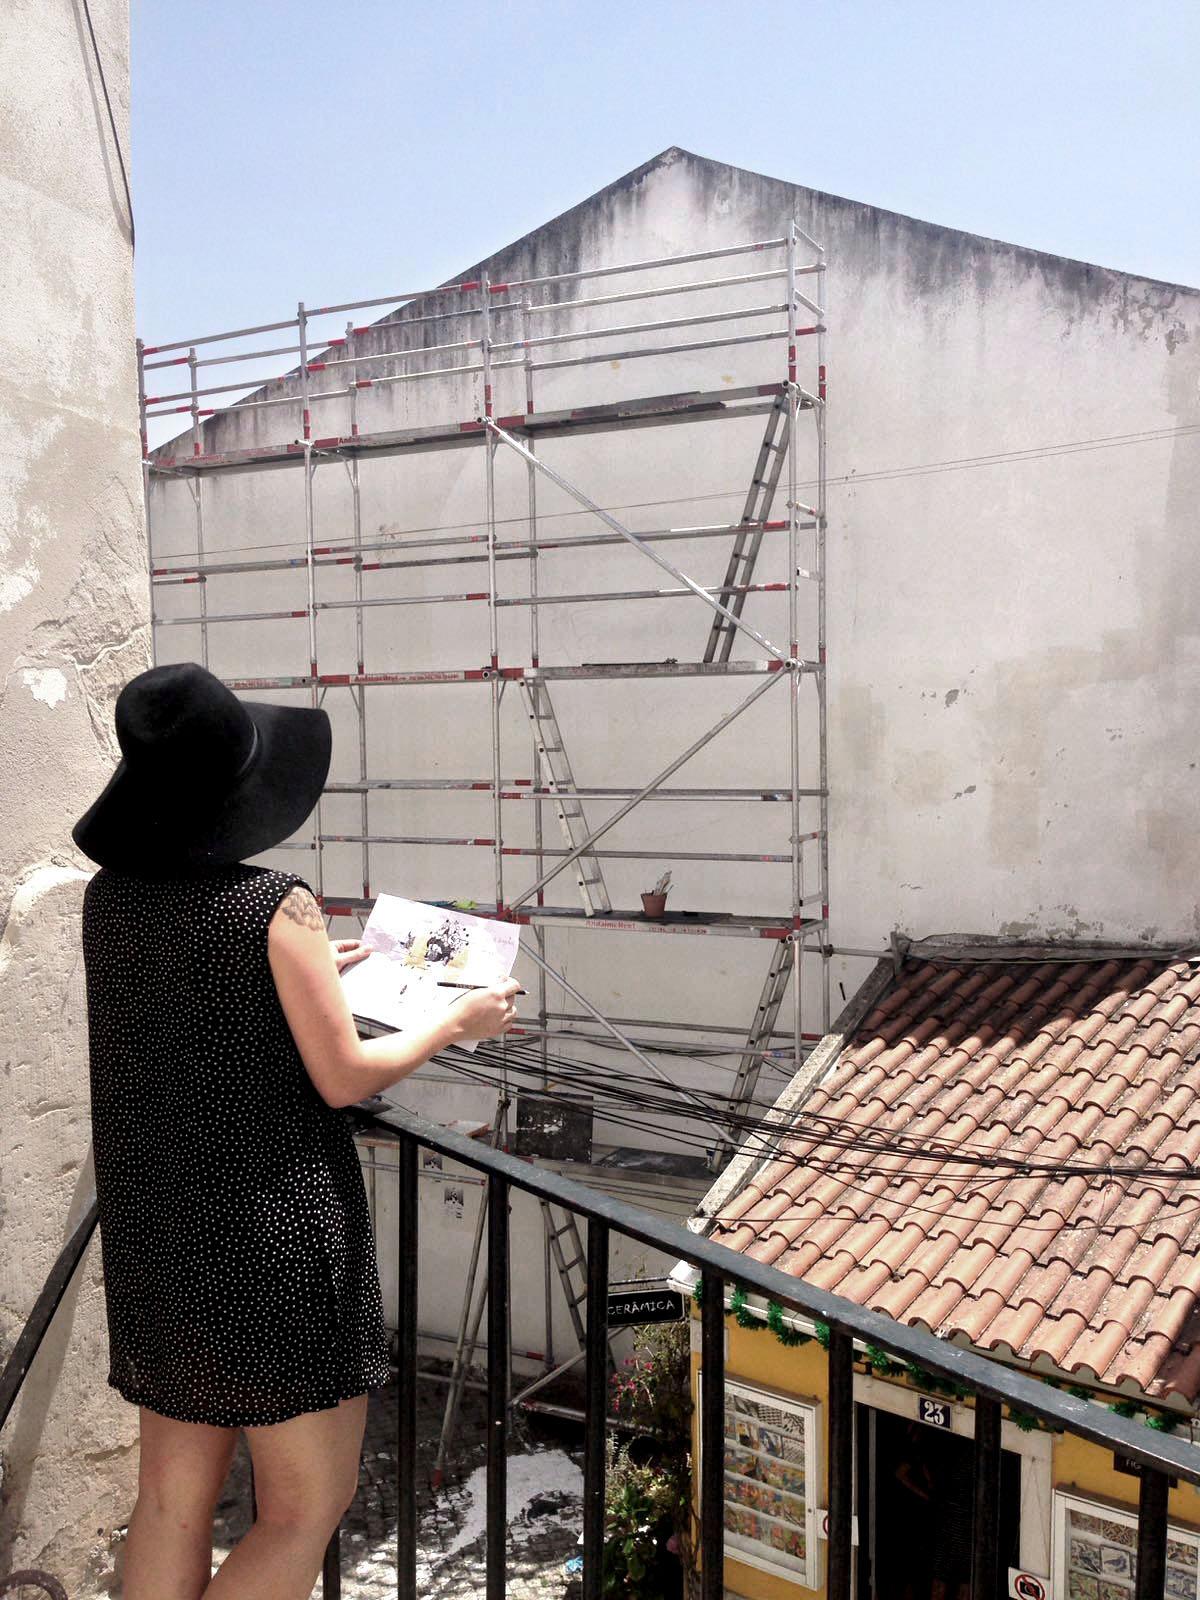 01_Mural_Lisboa_process1.jpg